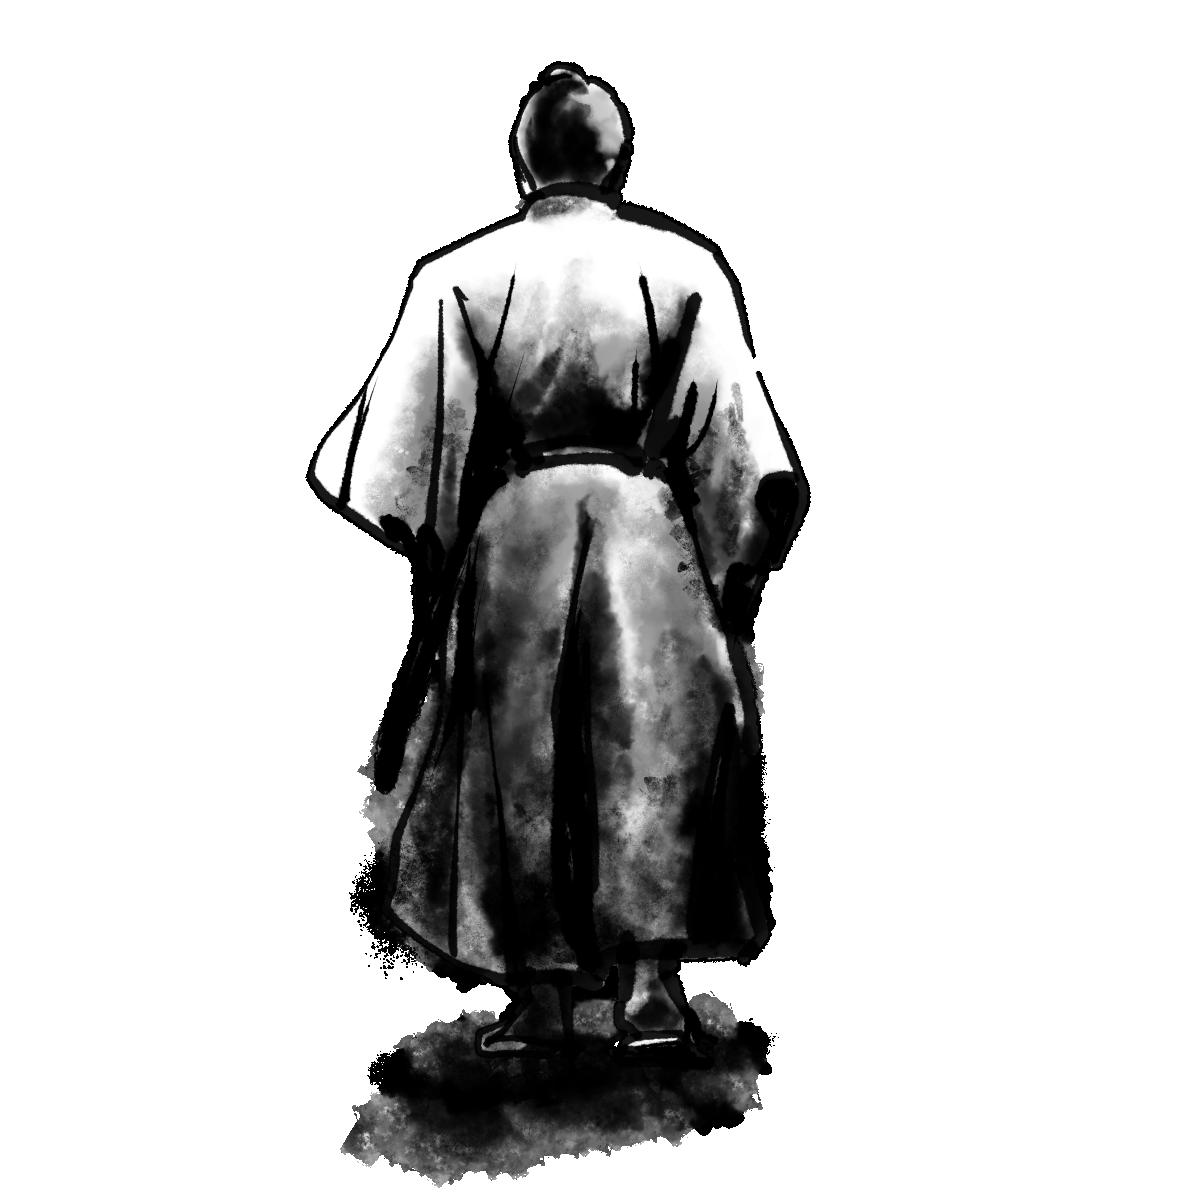 背中を向けた侍のイラスト / Samurai with their backs to the world Illustration